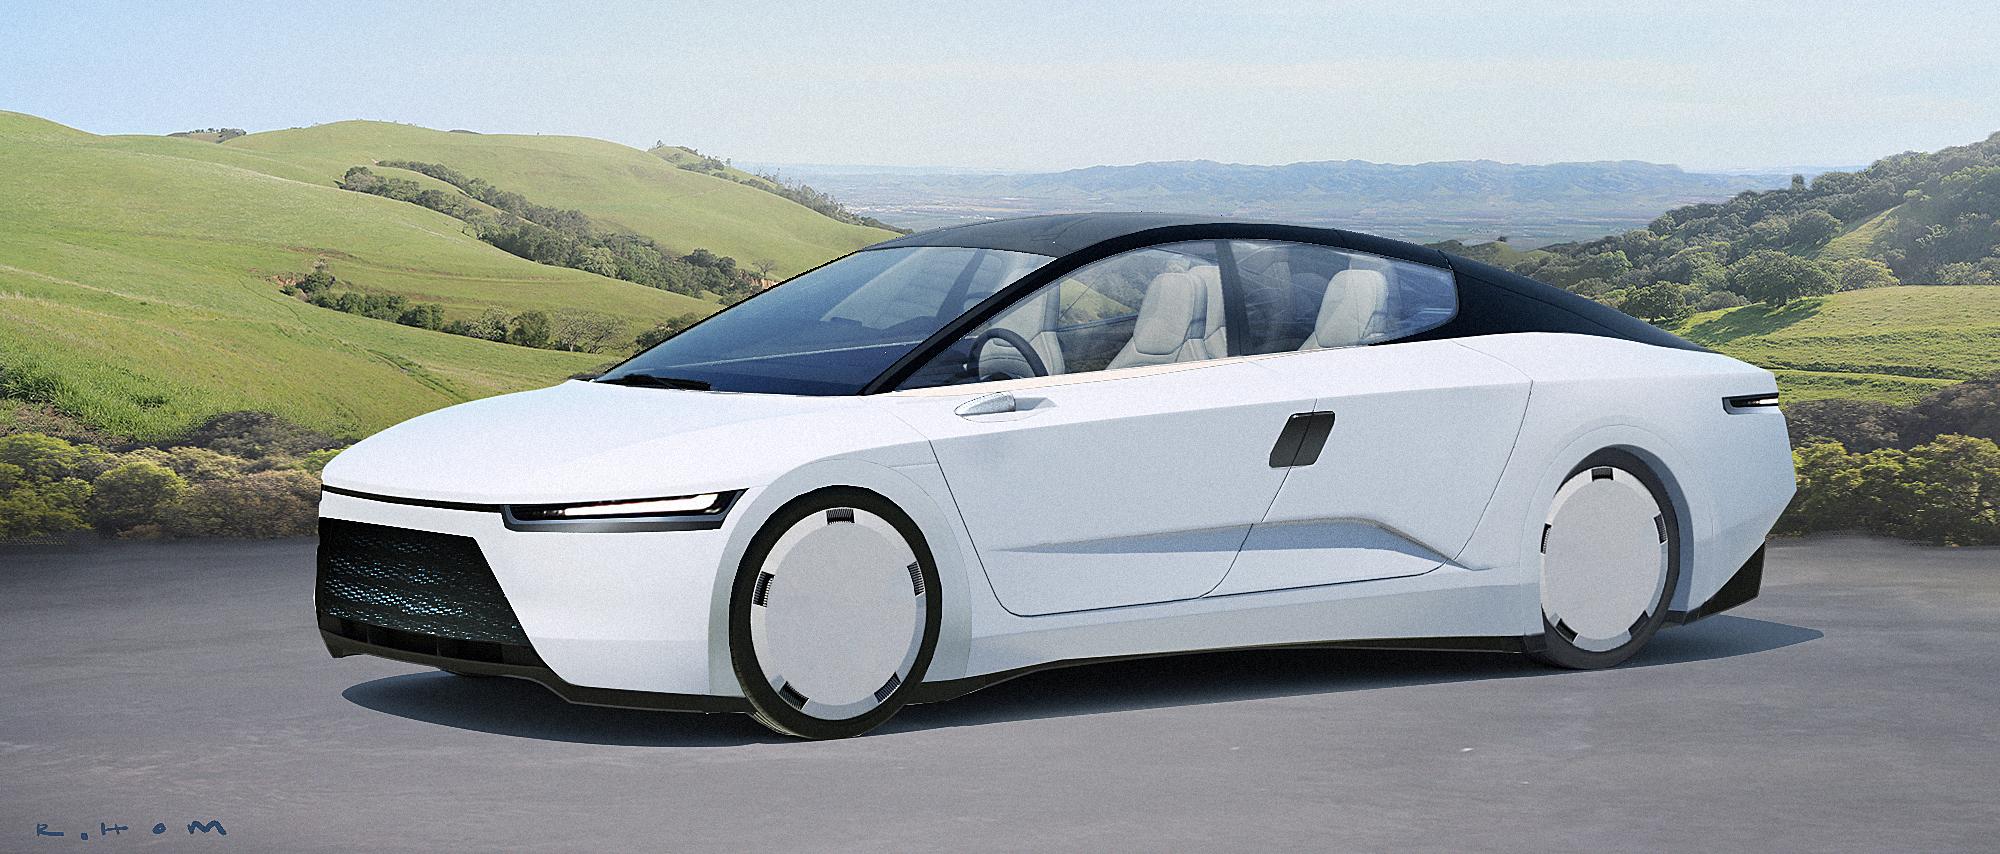 Mod of 2015 VW XL1 ev